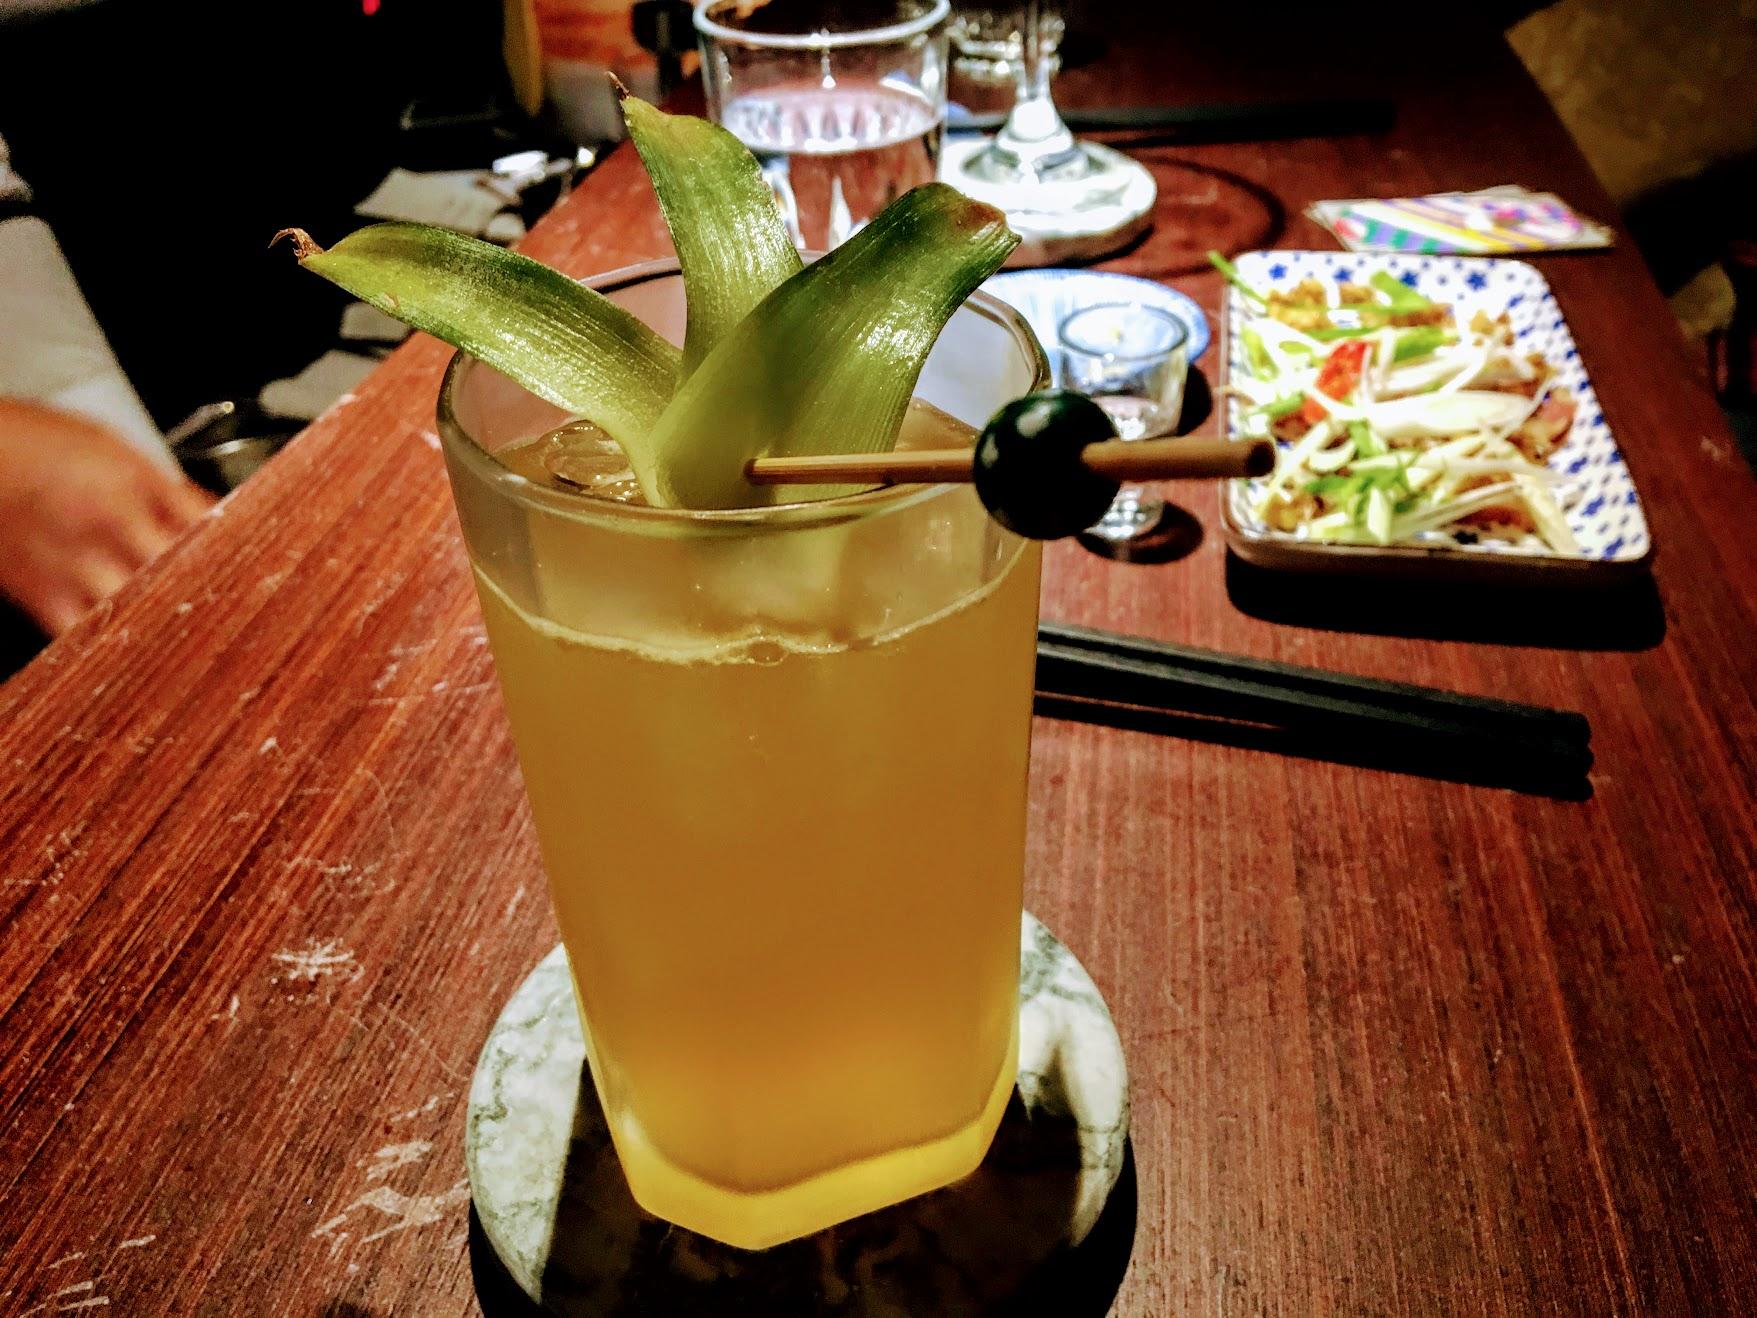 這杯也是特調的,有用甘蔗汁在裡頭,調酒師很細心地說明,不過真的忘記有哪些了QQ